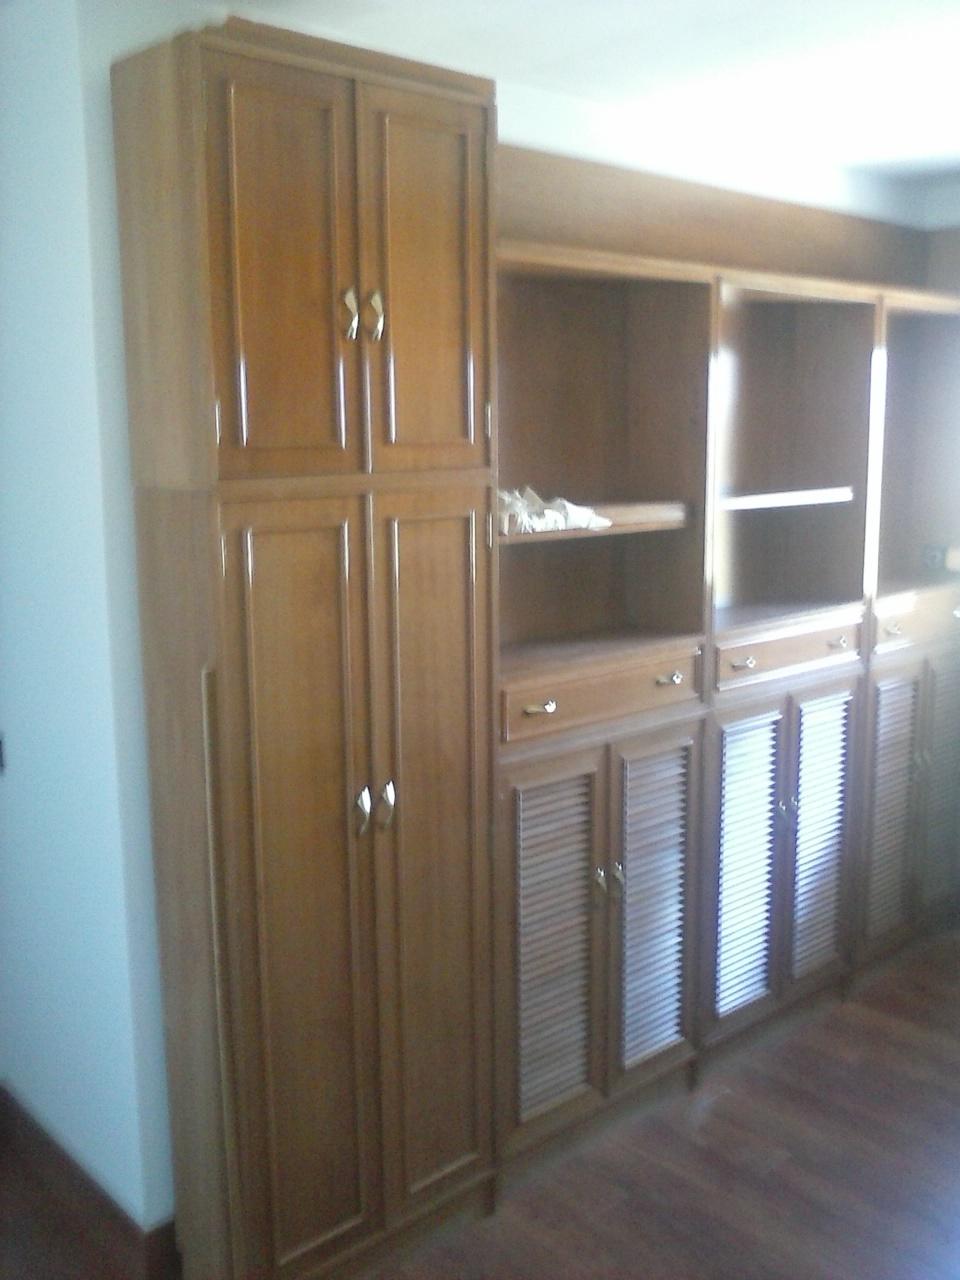 Muebles Restaurados Y Muebles Lacados En Blanco En Avila # Muebles Restaurados